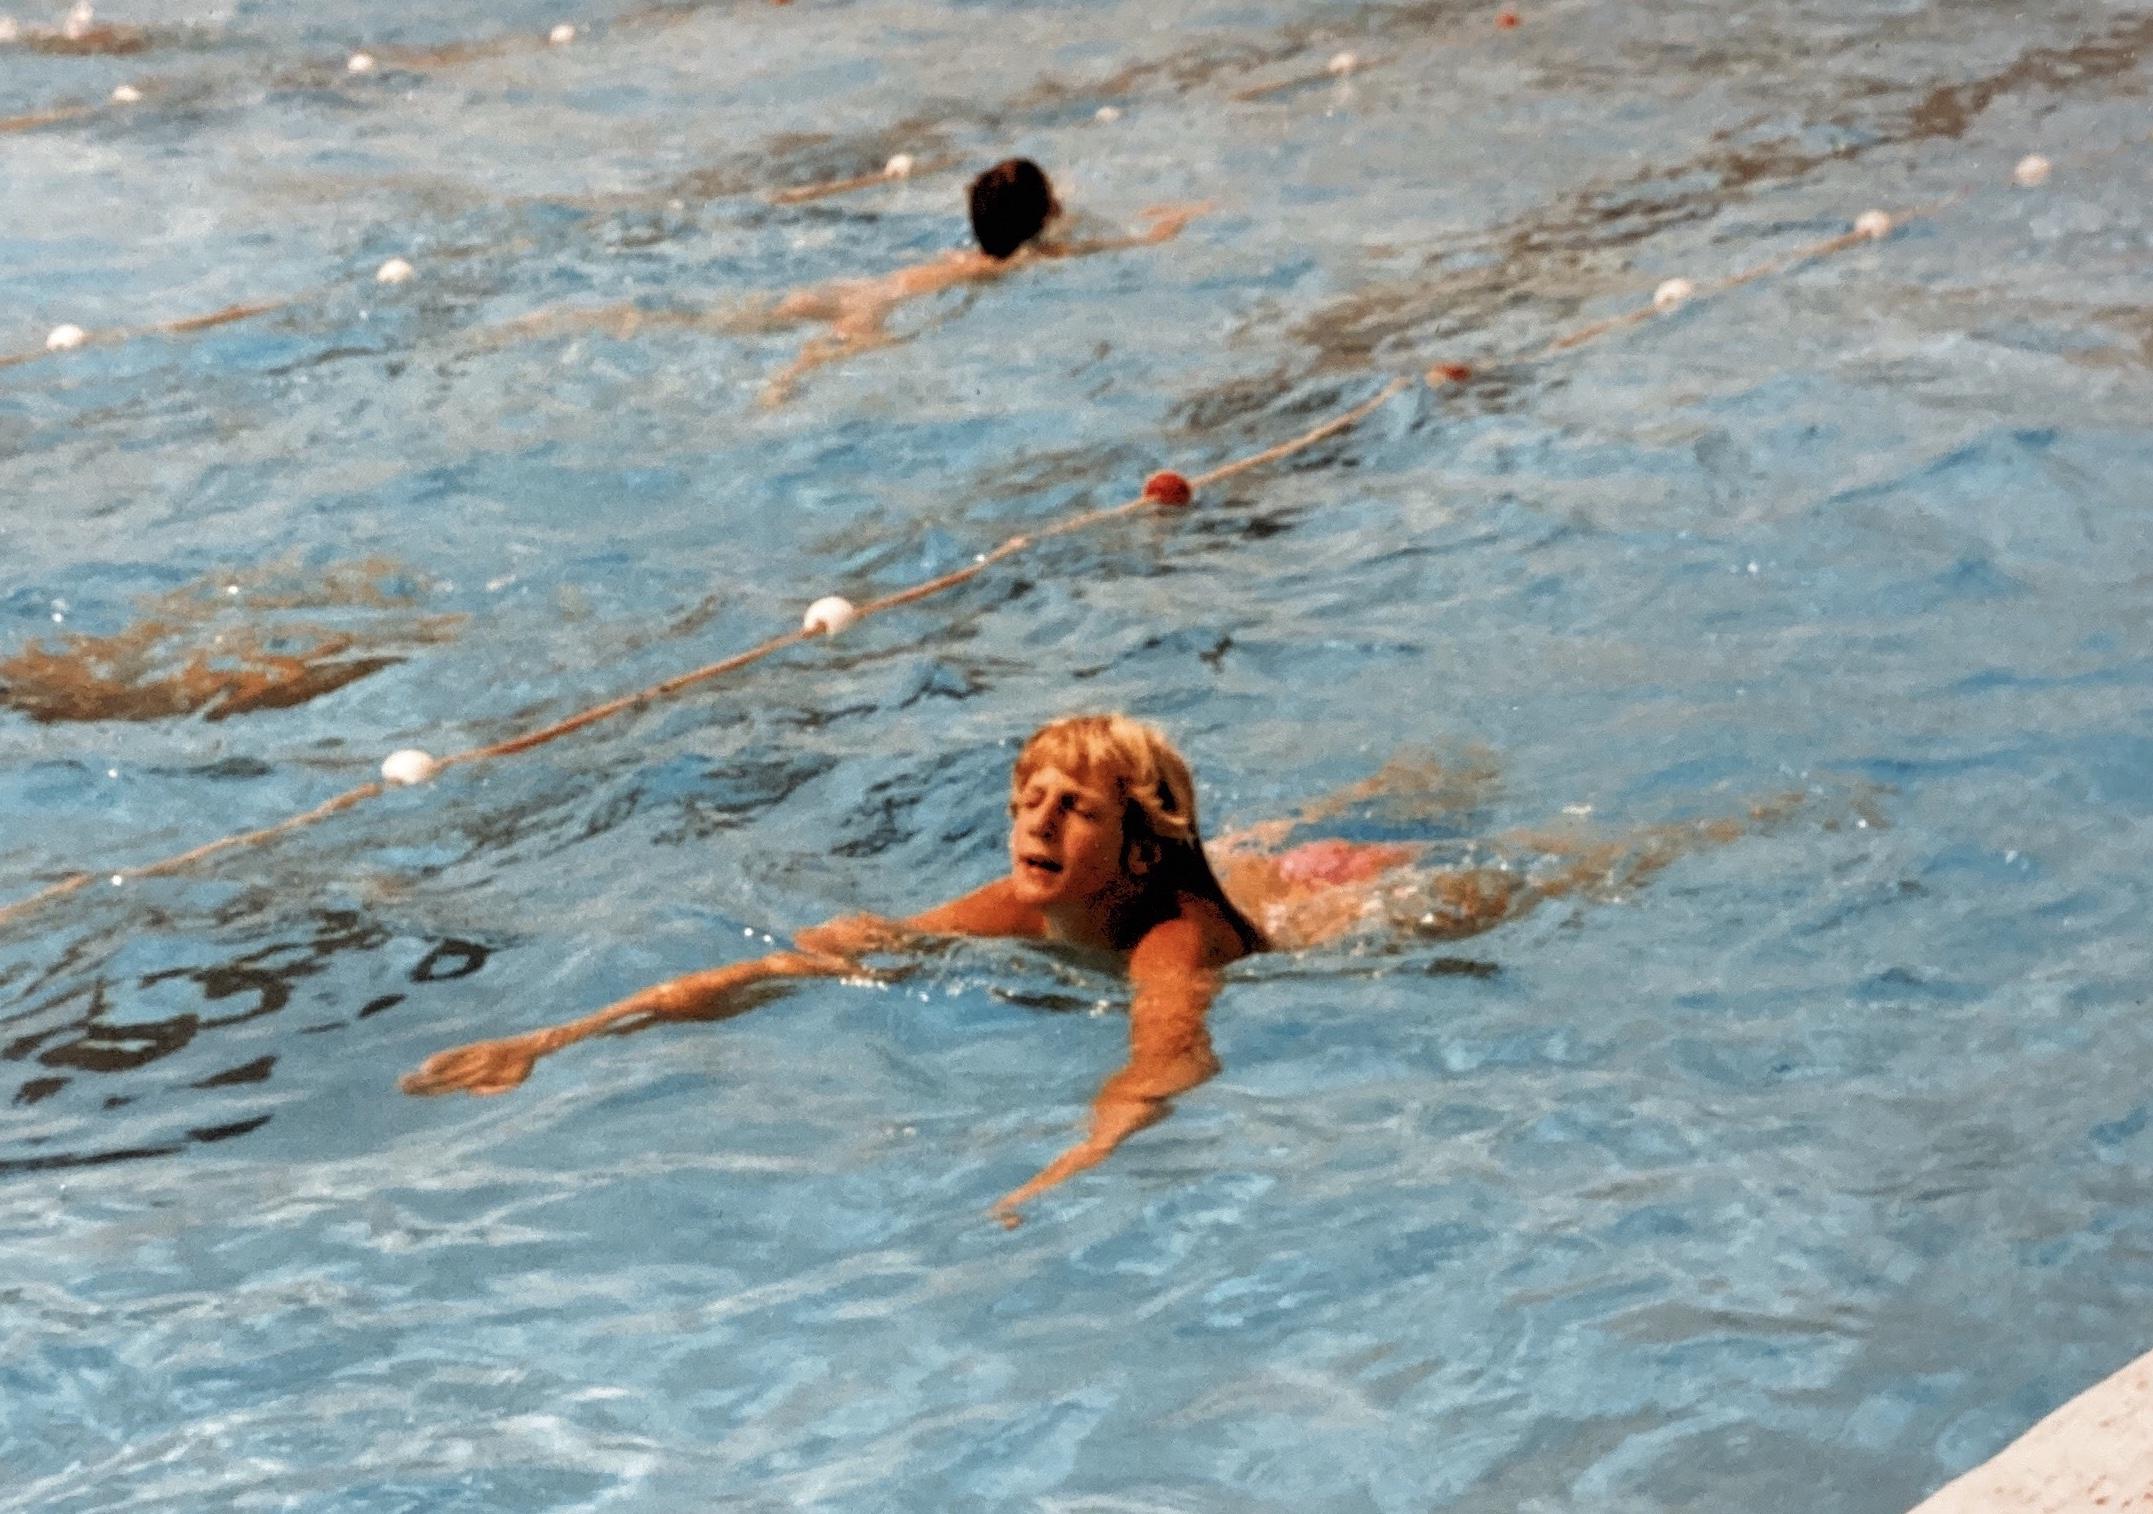 La nataion en piscine de la paersonne non-voyante